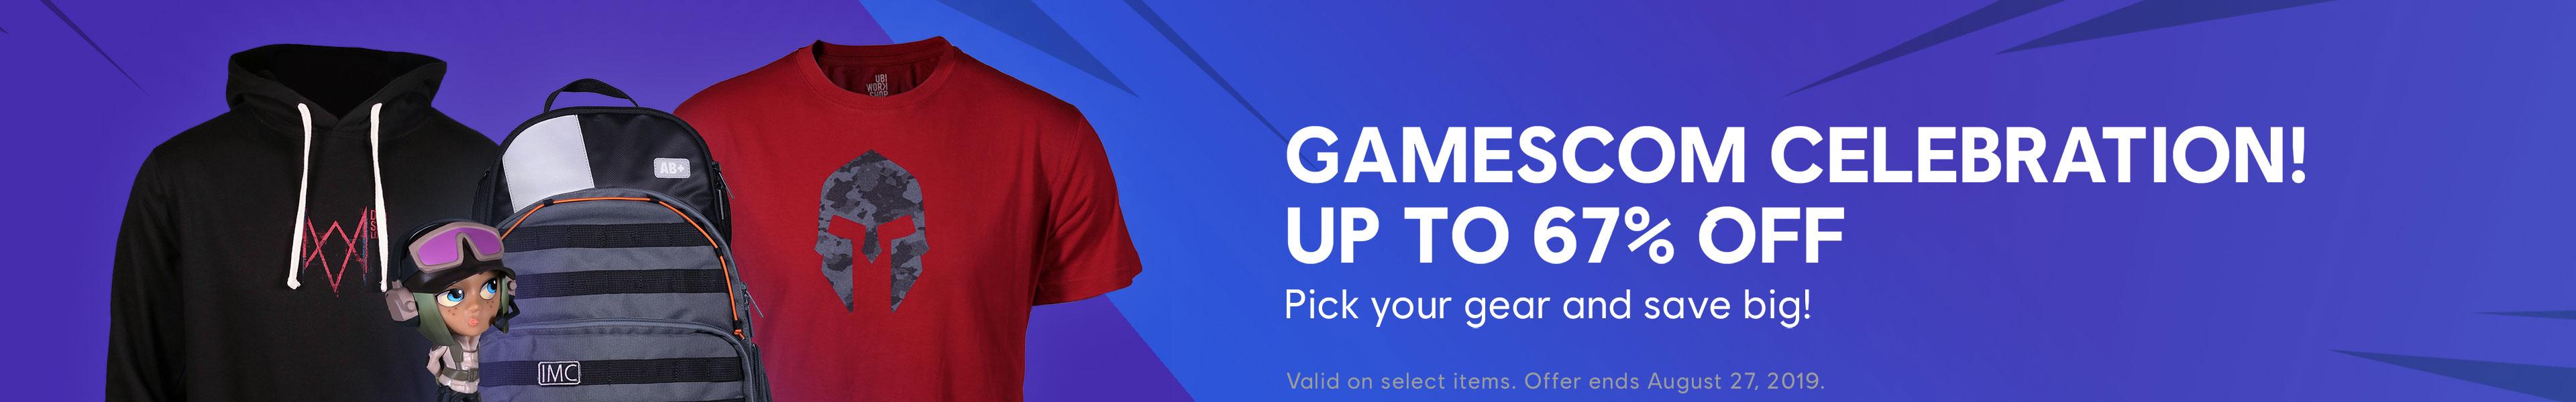 Gamescom merch category banner